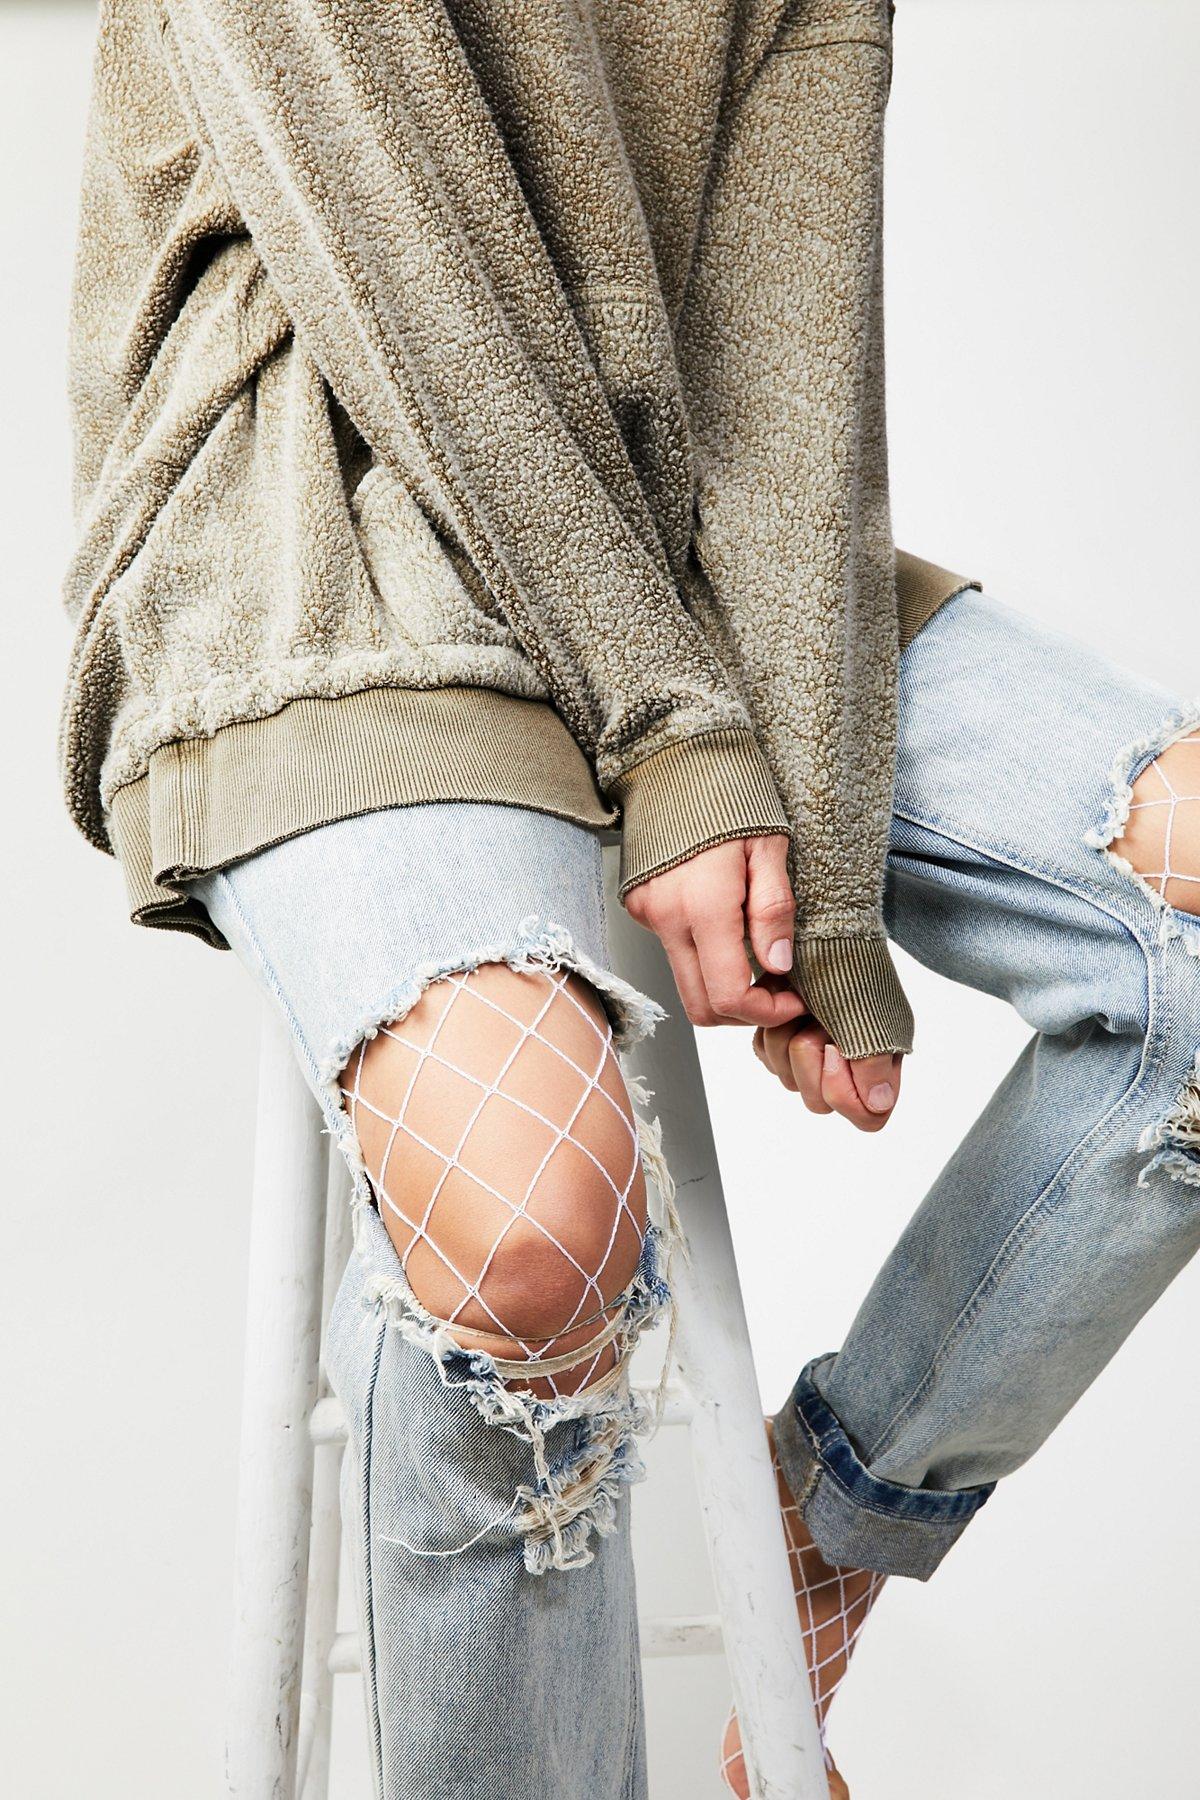 La Maison渔网紧身打底长袜